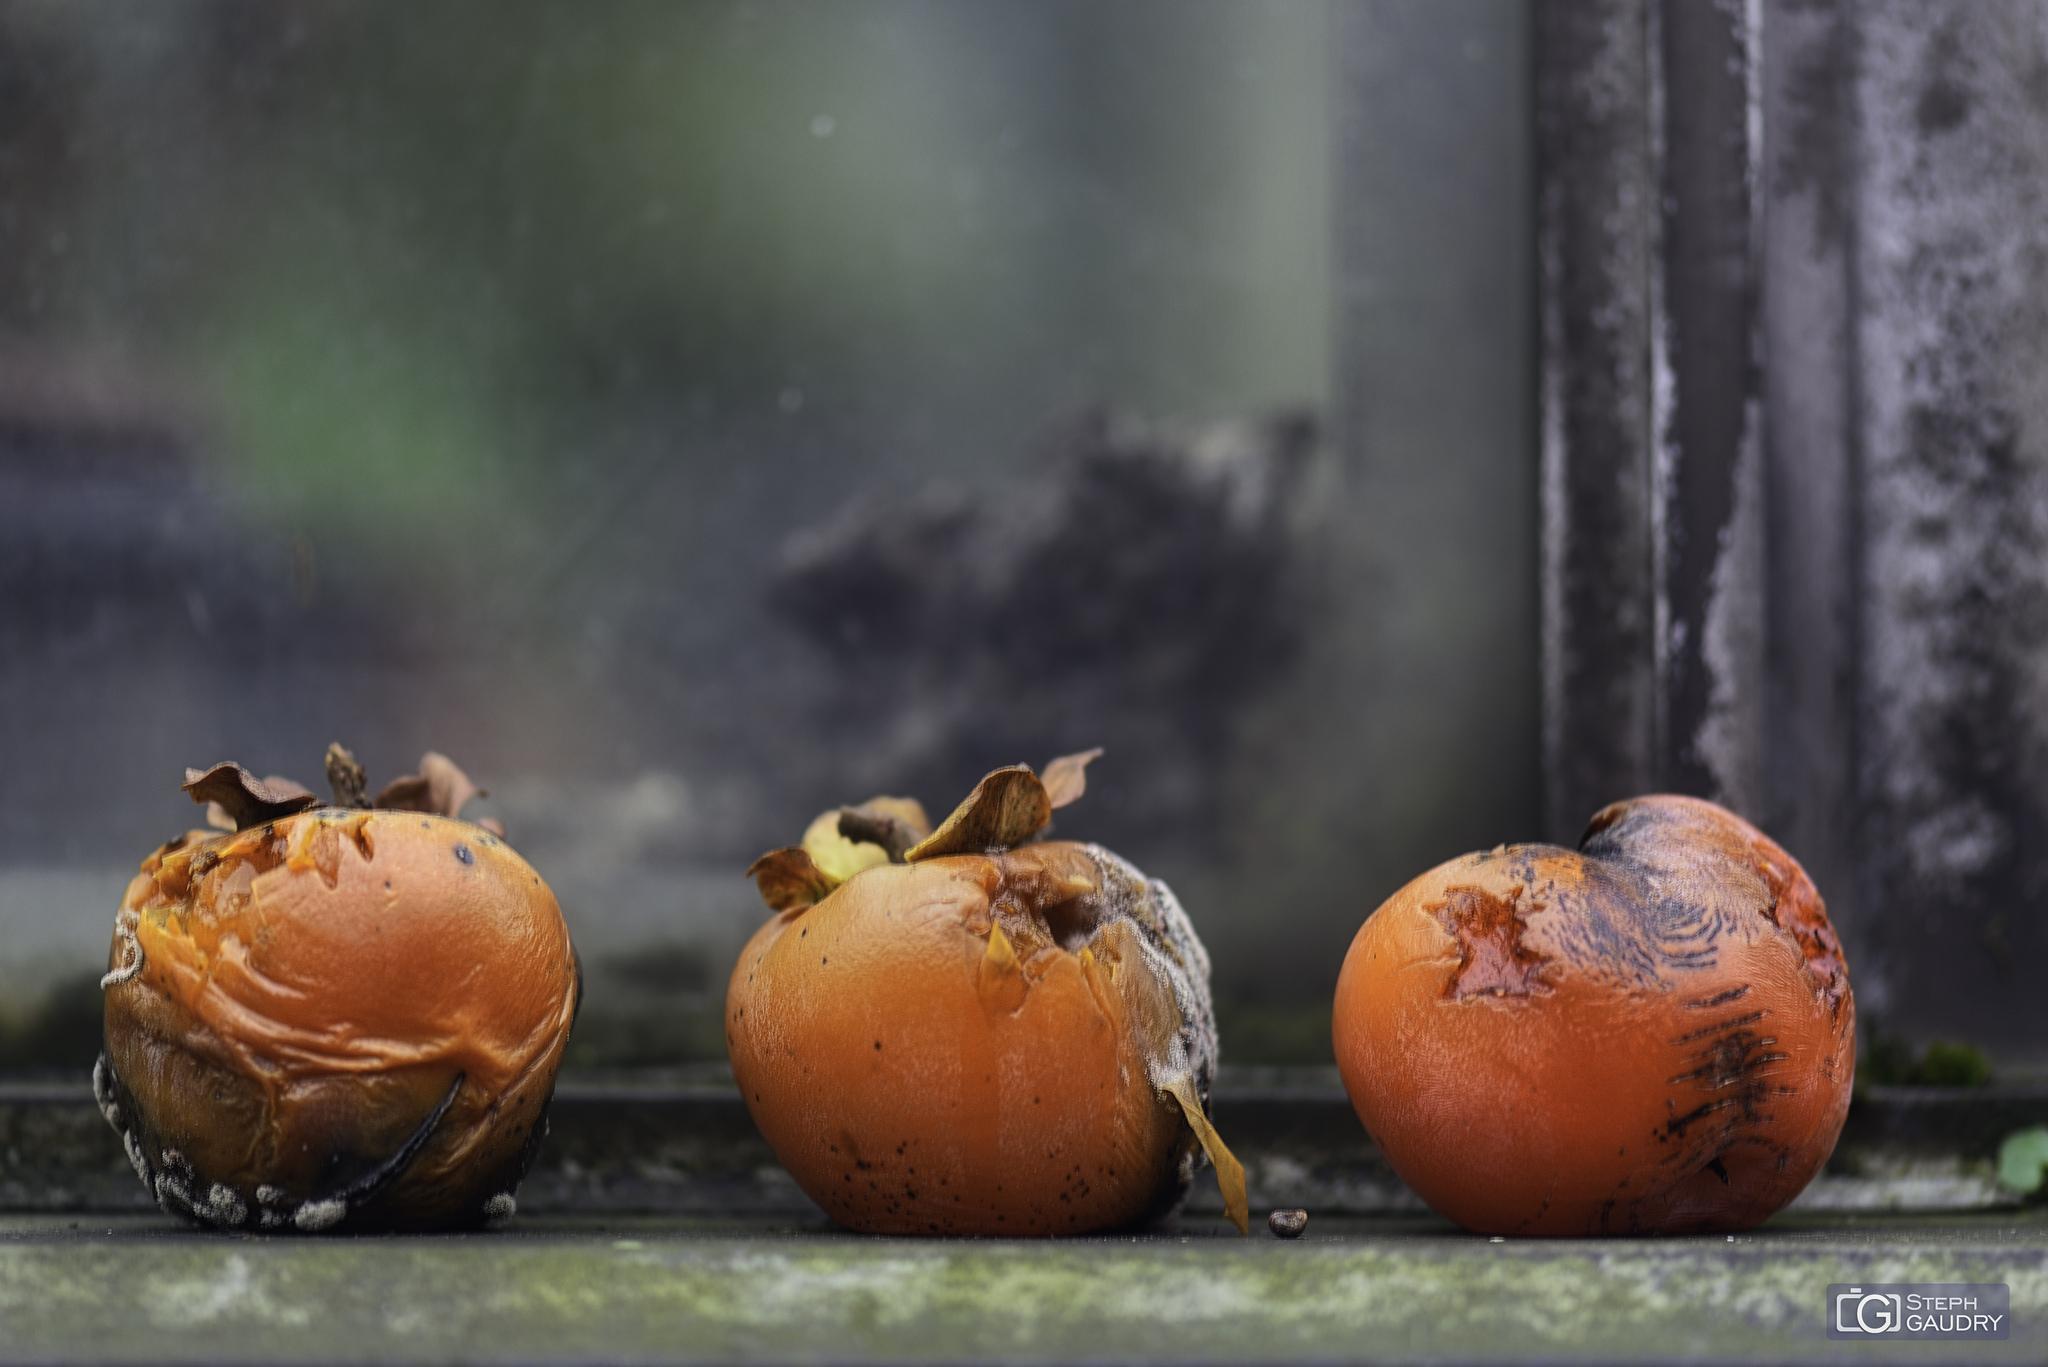 Les trois belles tomates colorées [Cliquez pour lancer le diaporama]